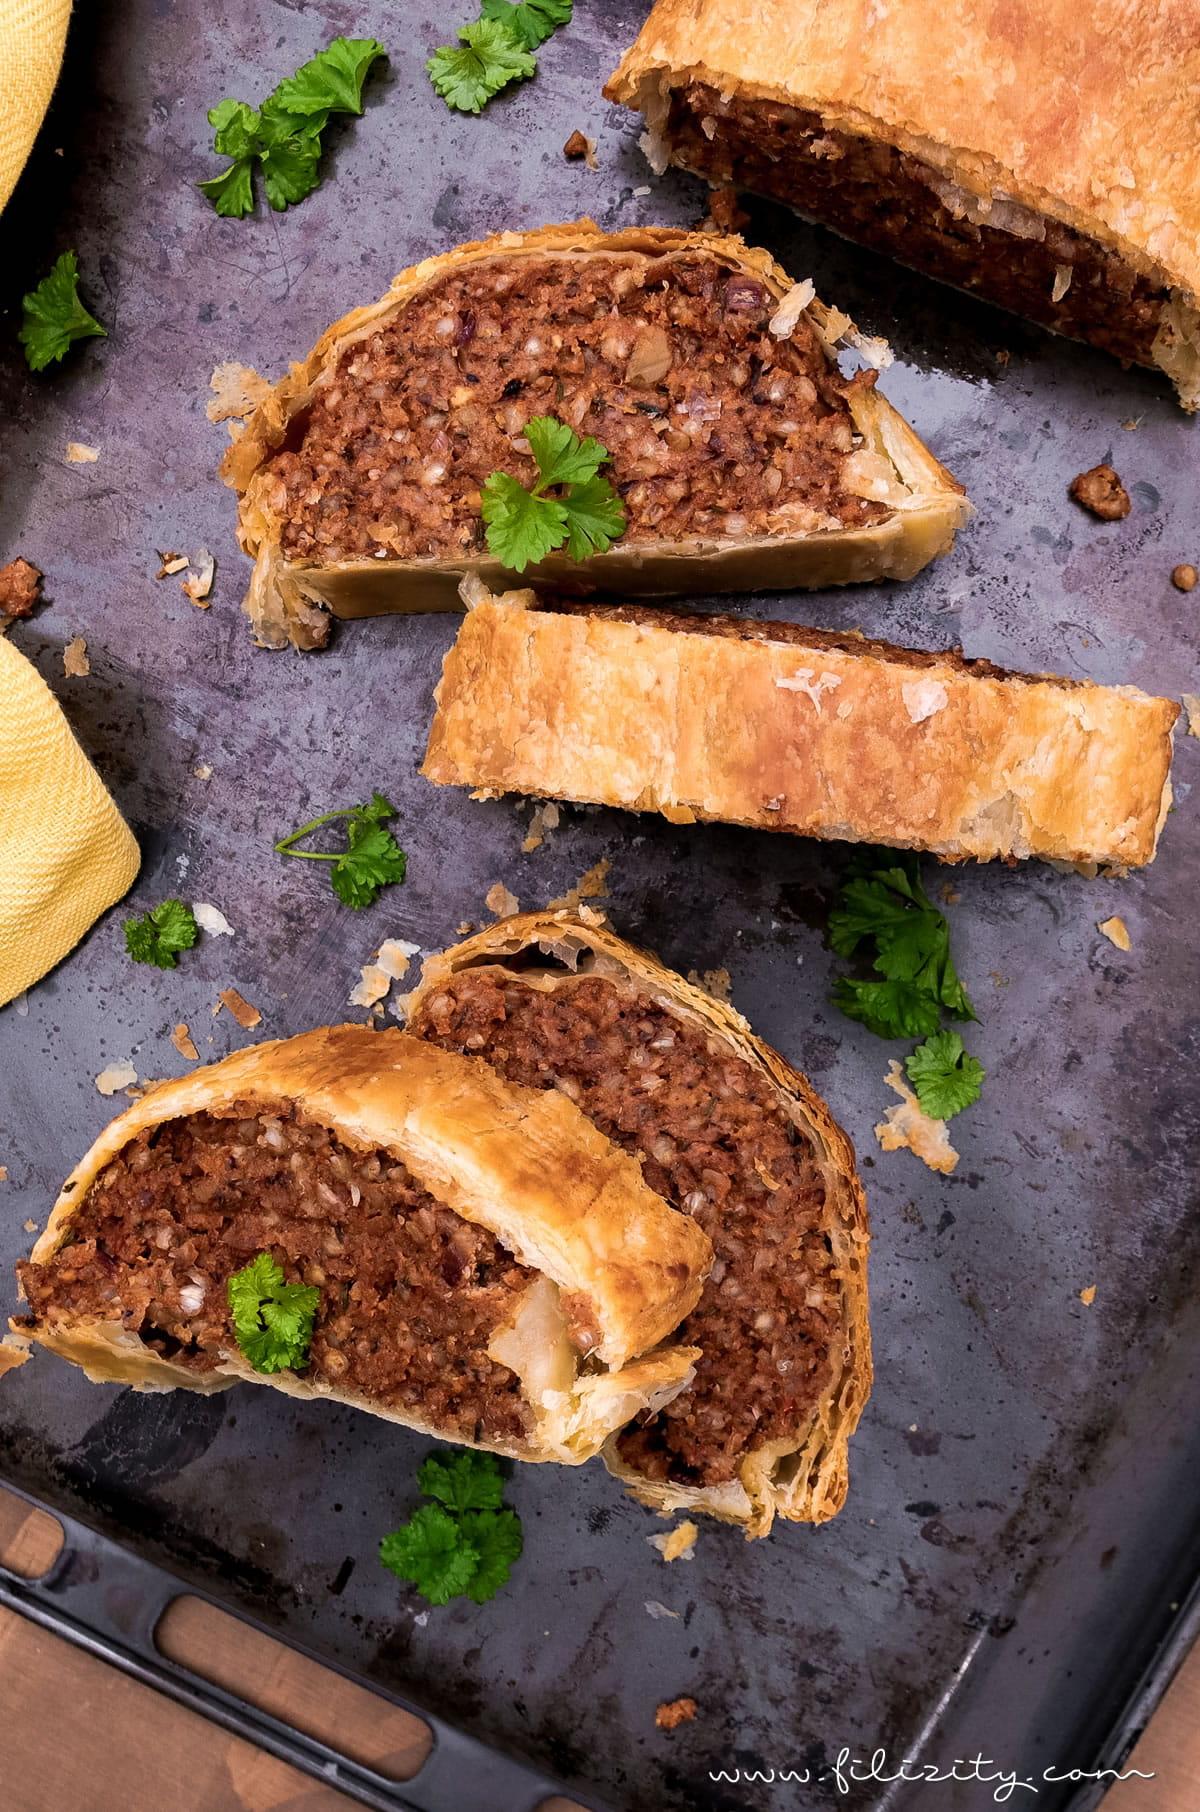 Saftiger veganer Hackbraten im Blätterteig-Mantel - Rezept ohne Fleisch-Ersatzprodukte | Filizity.com | Food-Blog aus dem Rheinland #vegan #veggie #weihnachten #ostern